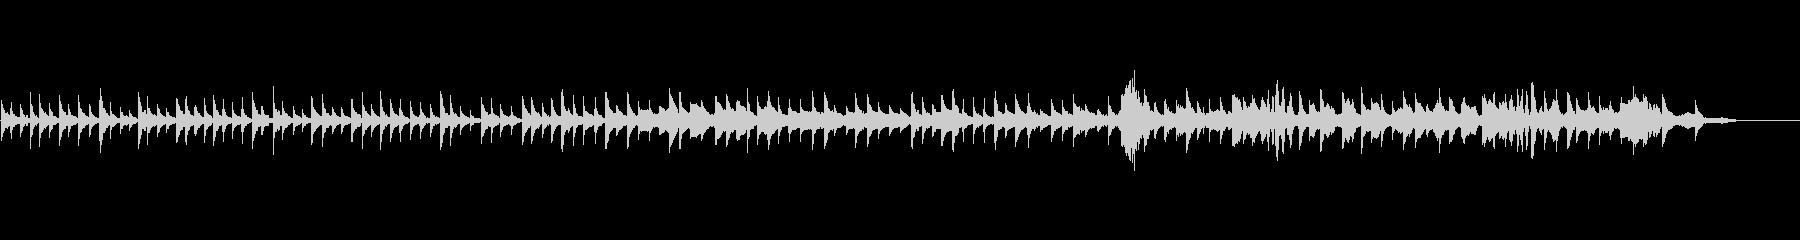 徐々に恐怖なオルゴールBGM(ホラー)の未再生の波形